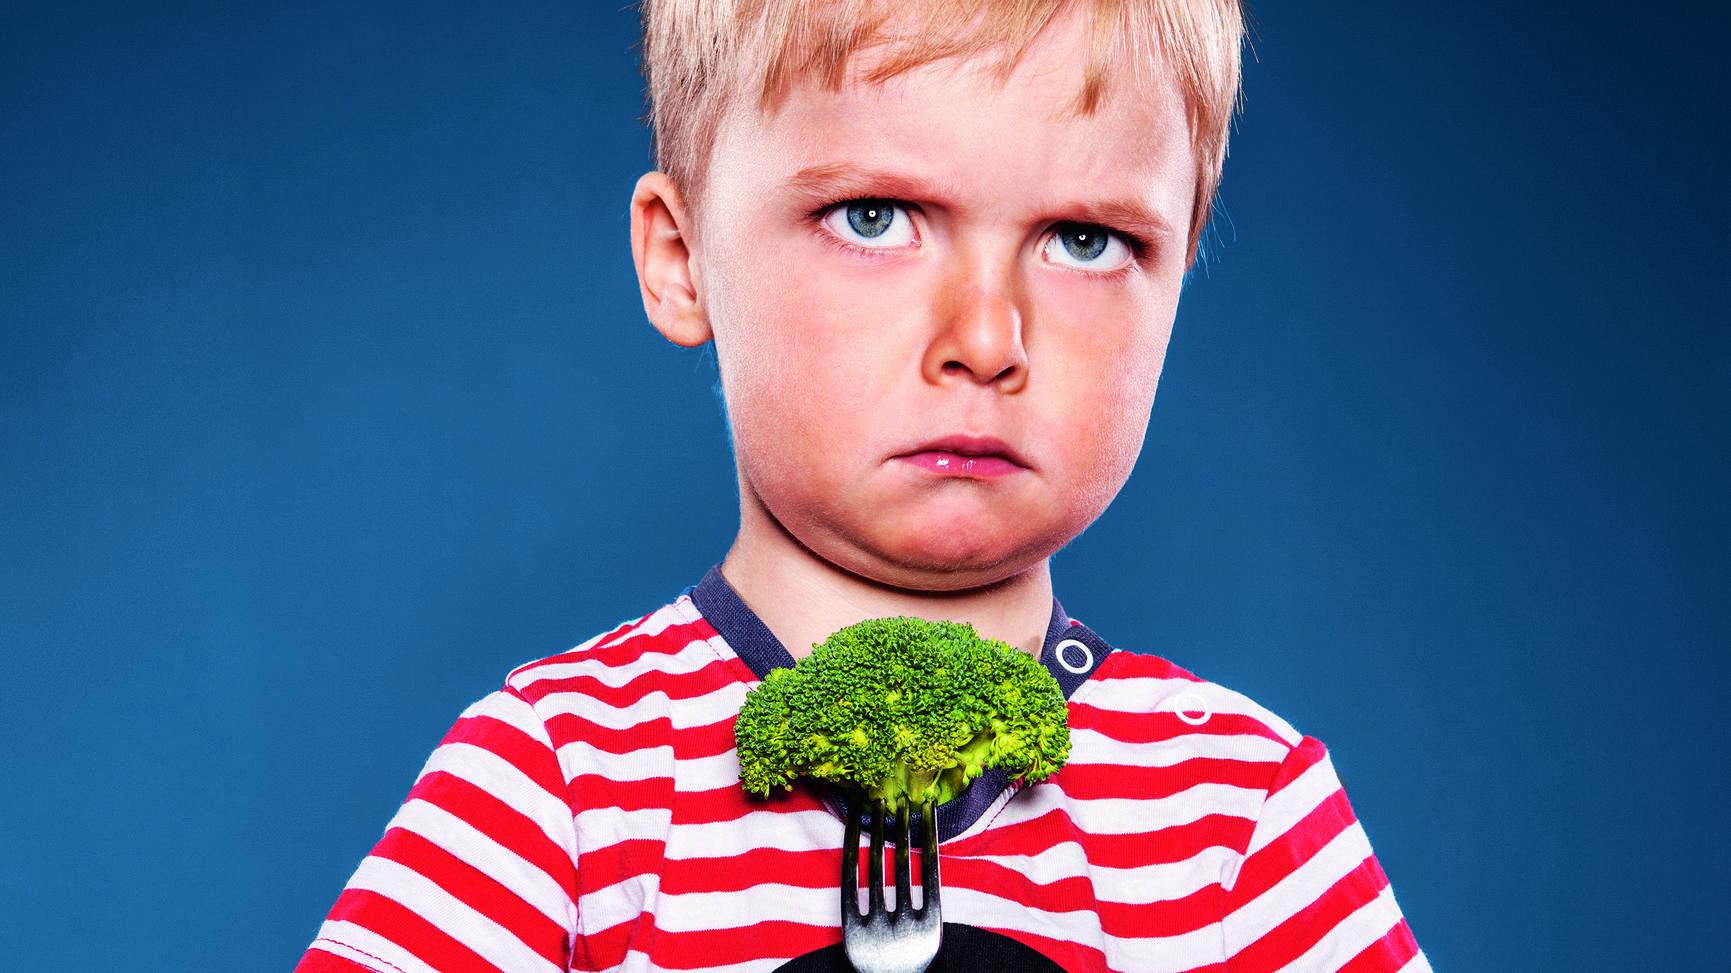 Nicht alle mögen Brokkoli